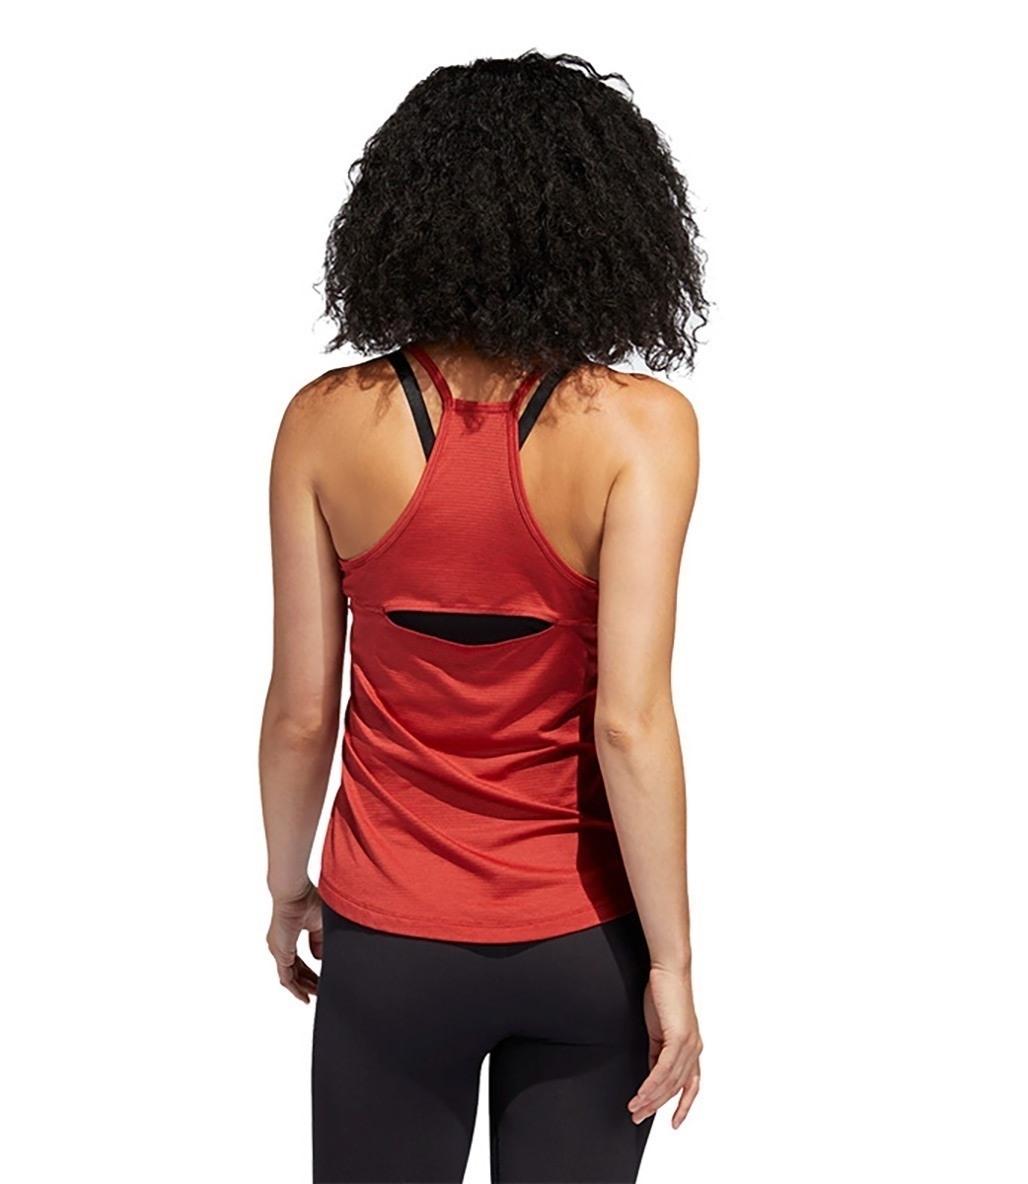 Adidas Regata Performance Atlet Kırmızı